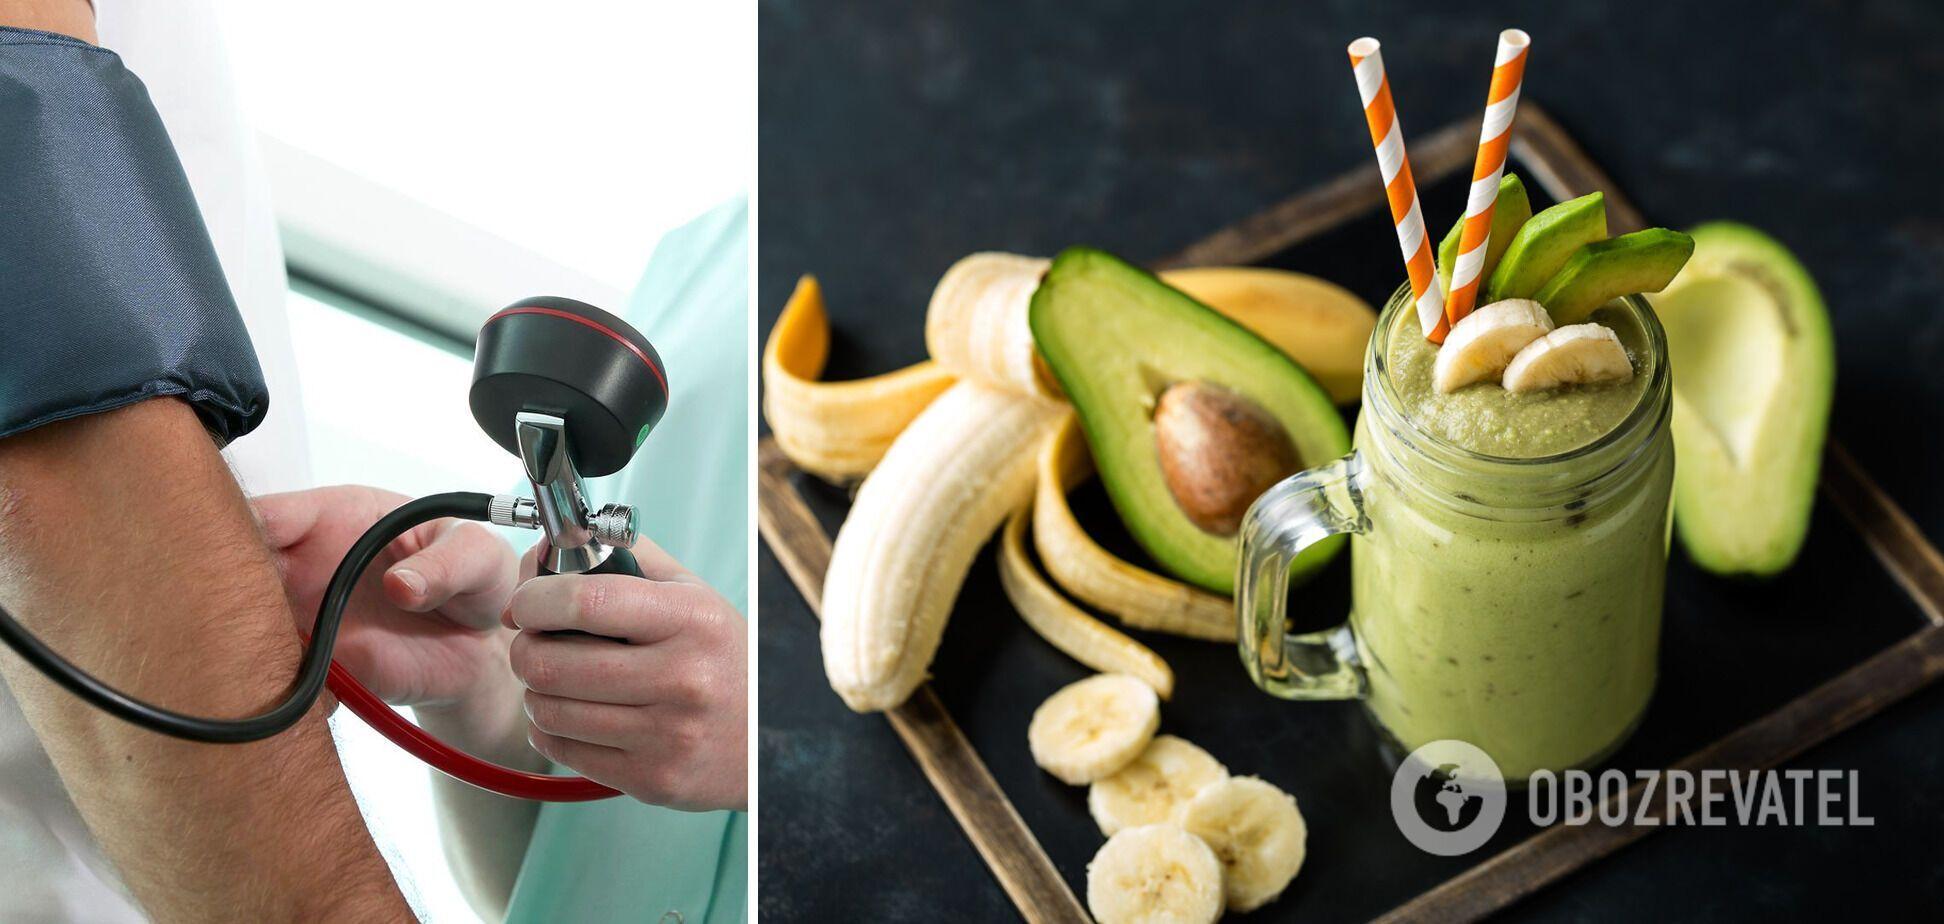 Регулярне вживання авокадо допоможе знизити артеріальний тиск, – лікарка